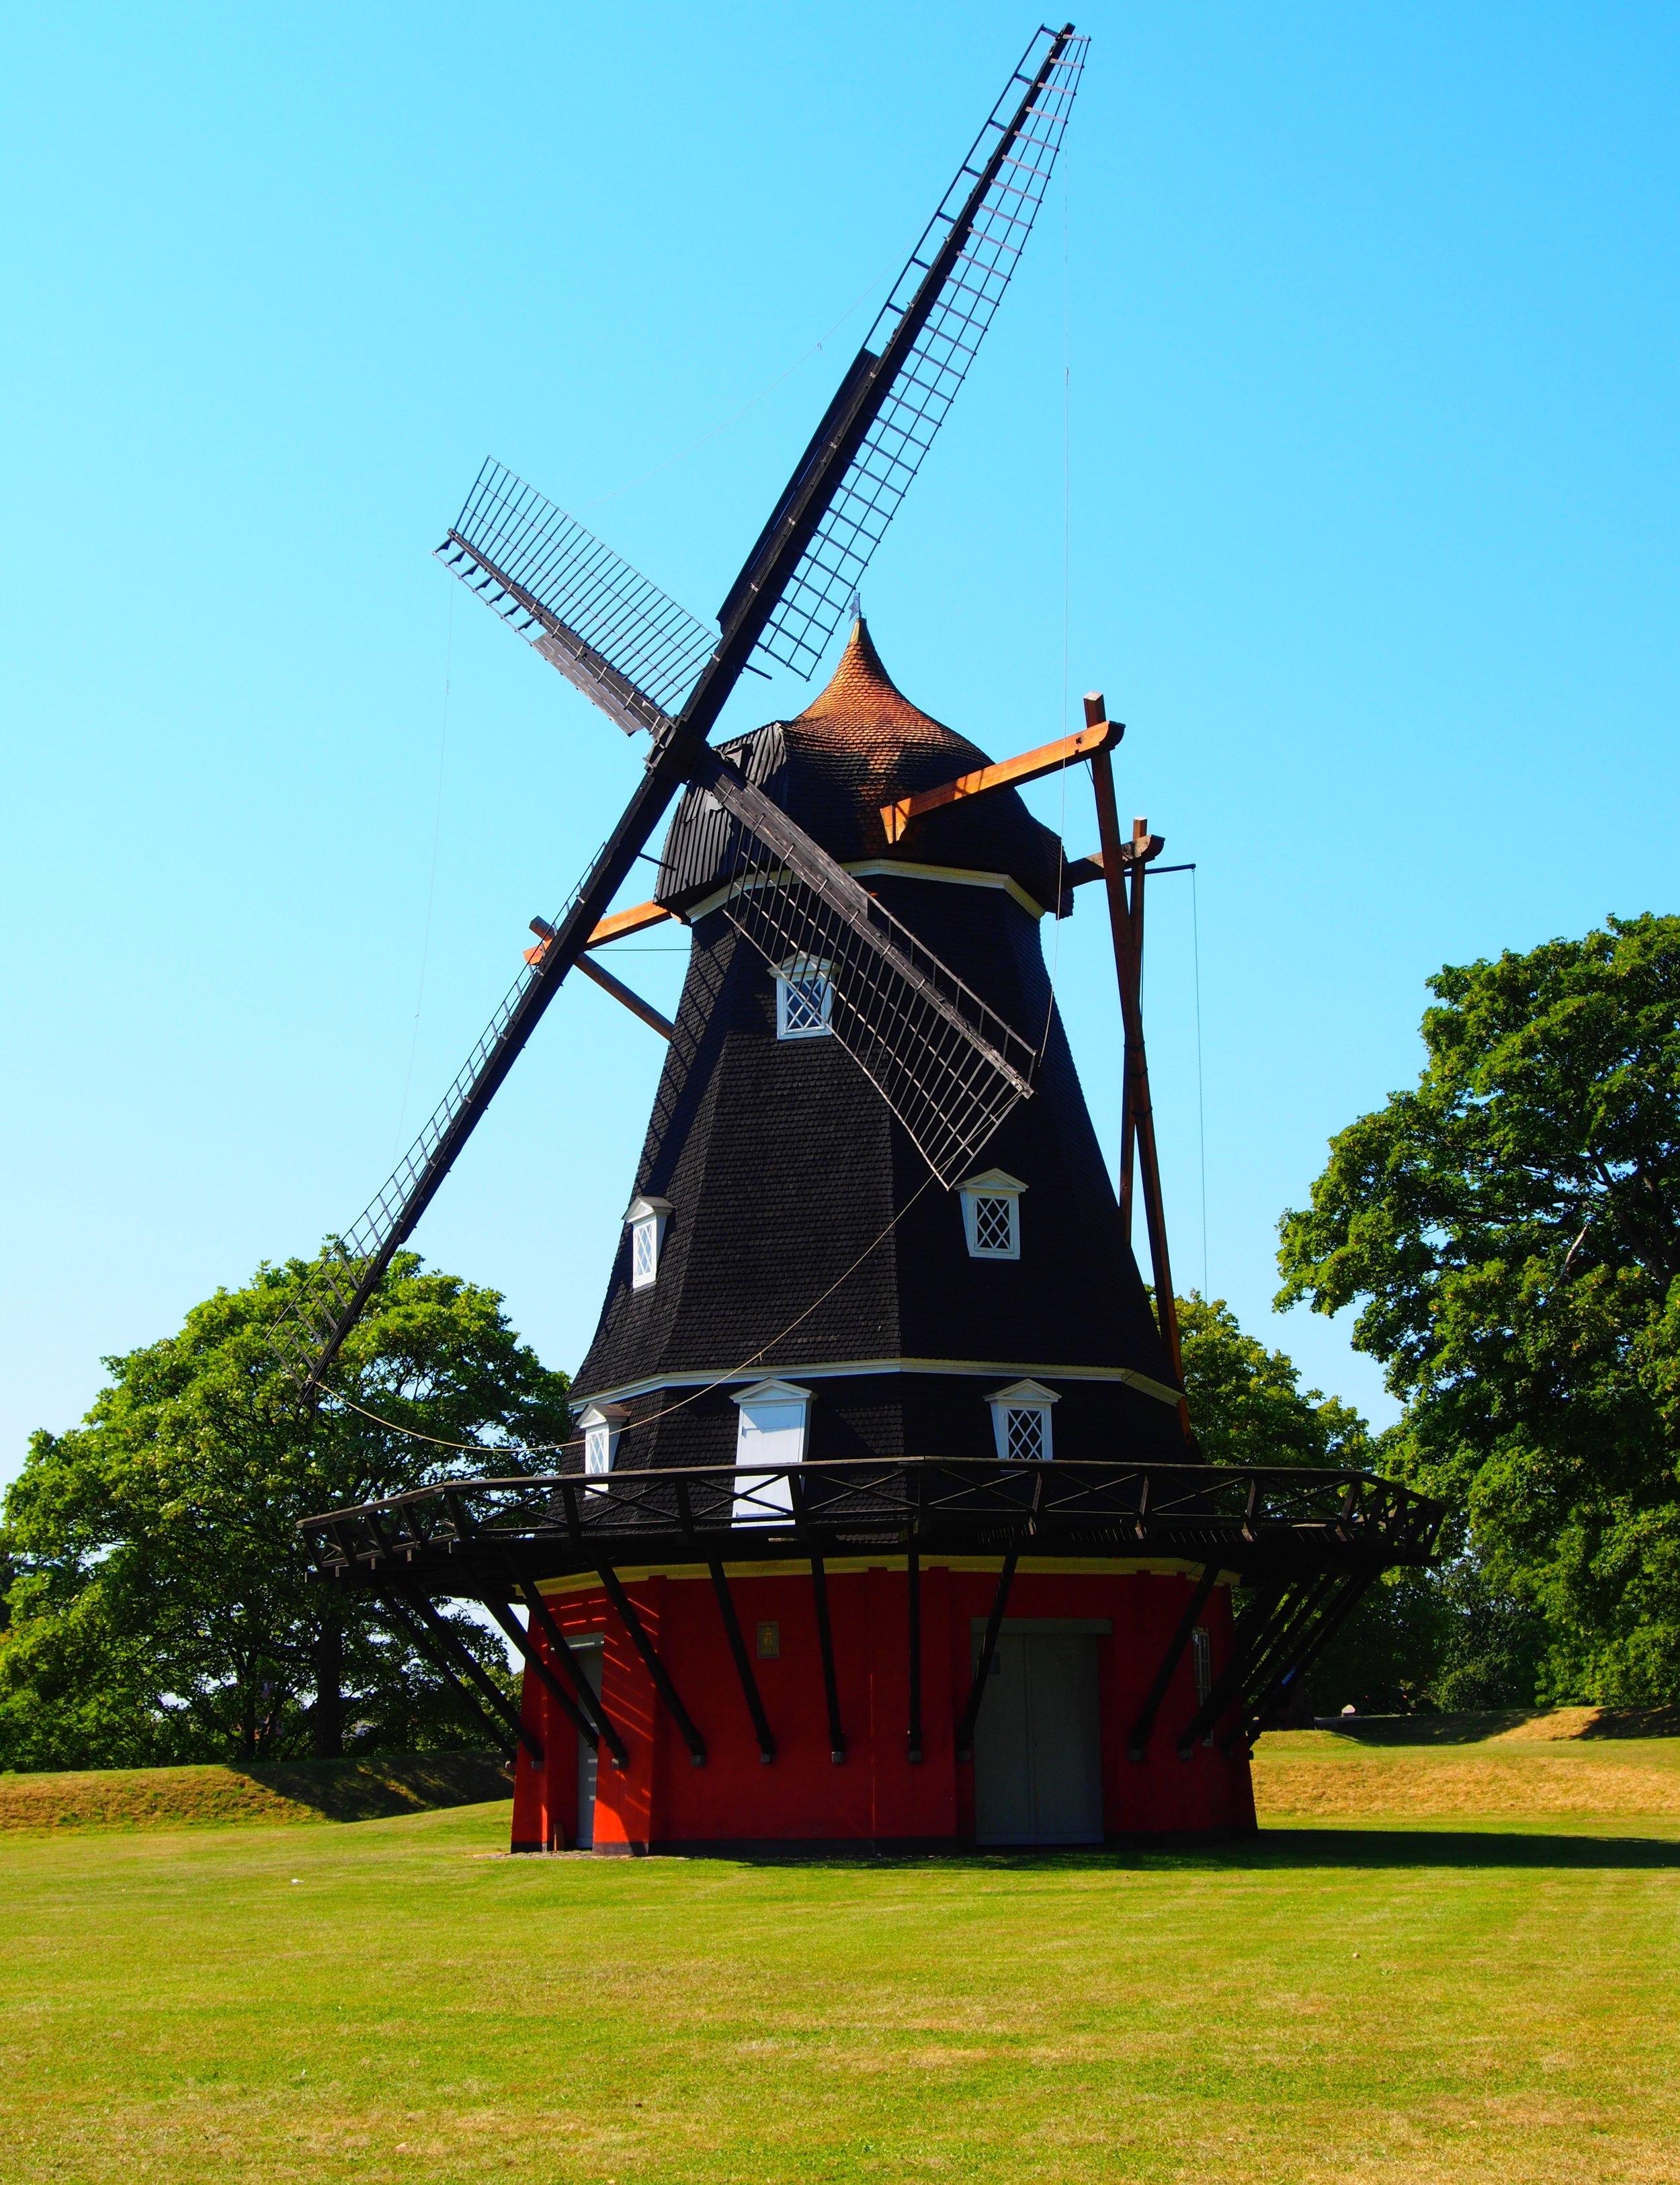 Kastellet Fort windmill in Copenhagen